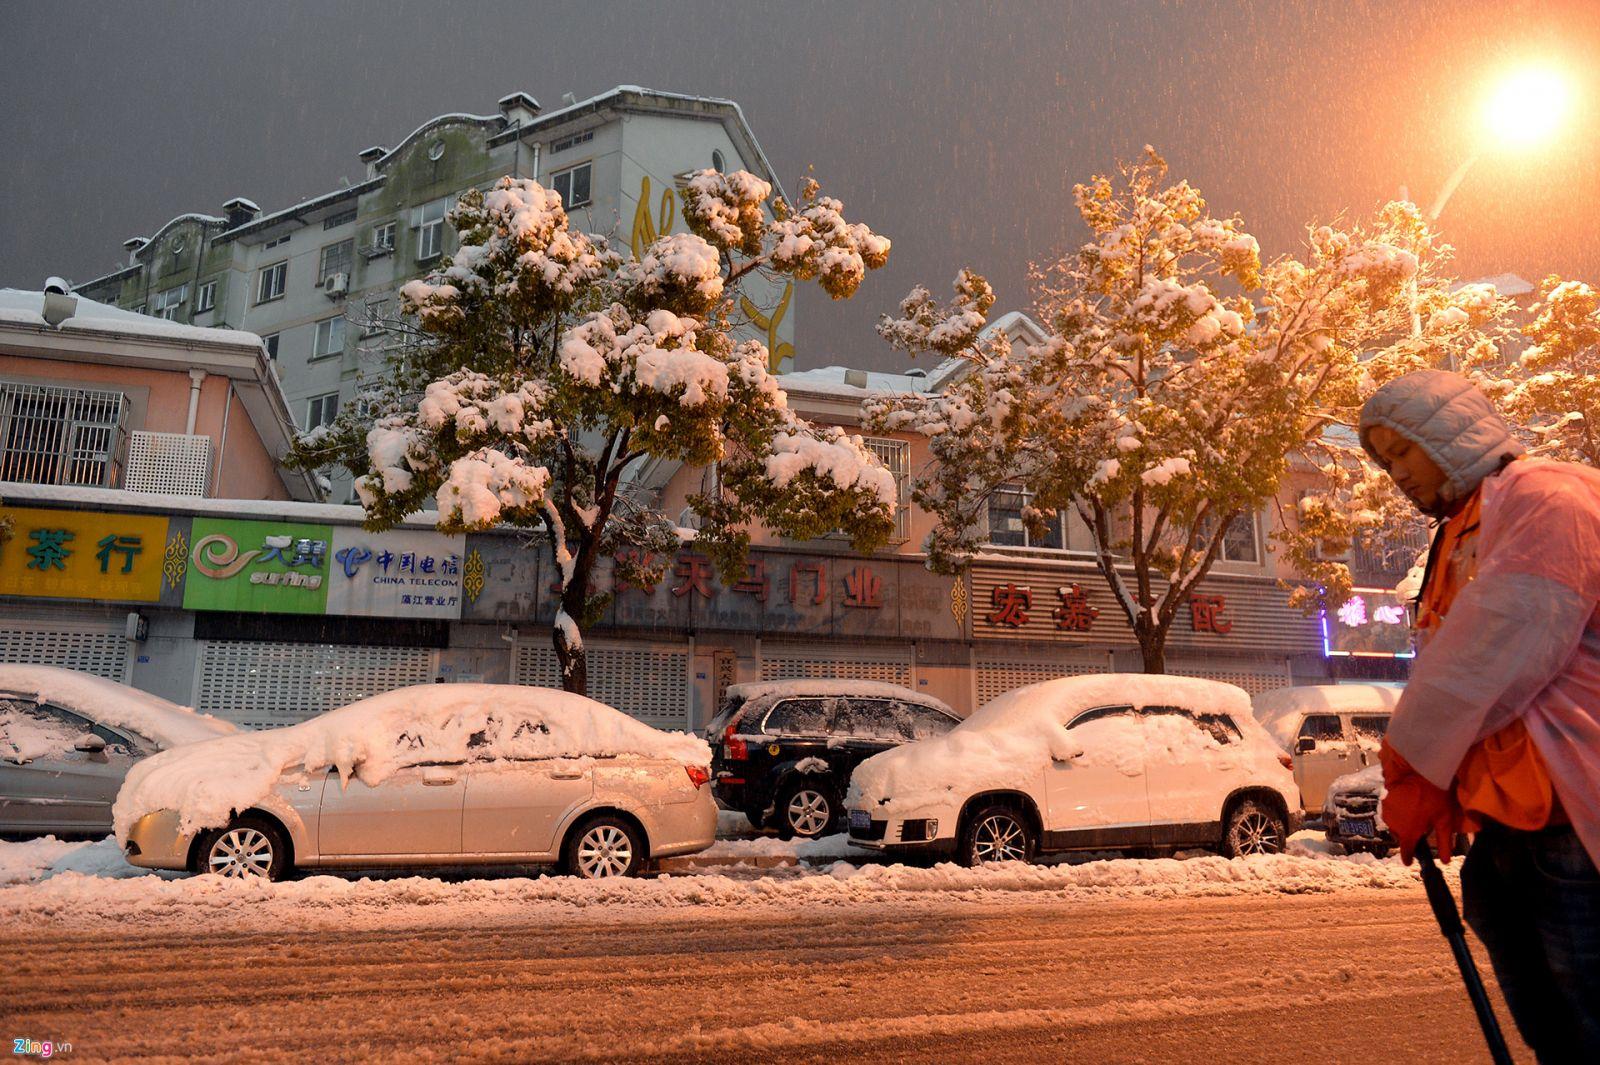 Thường Châu tuyết rơi trắng xóa